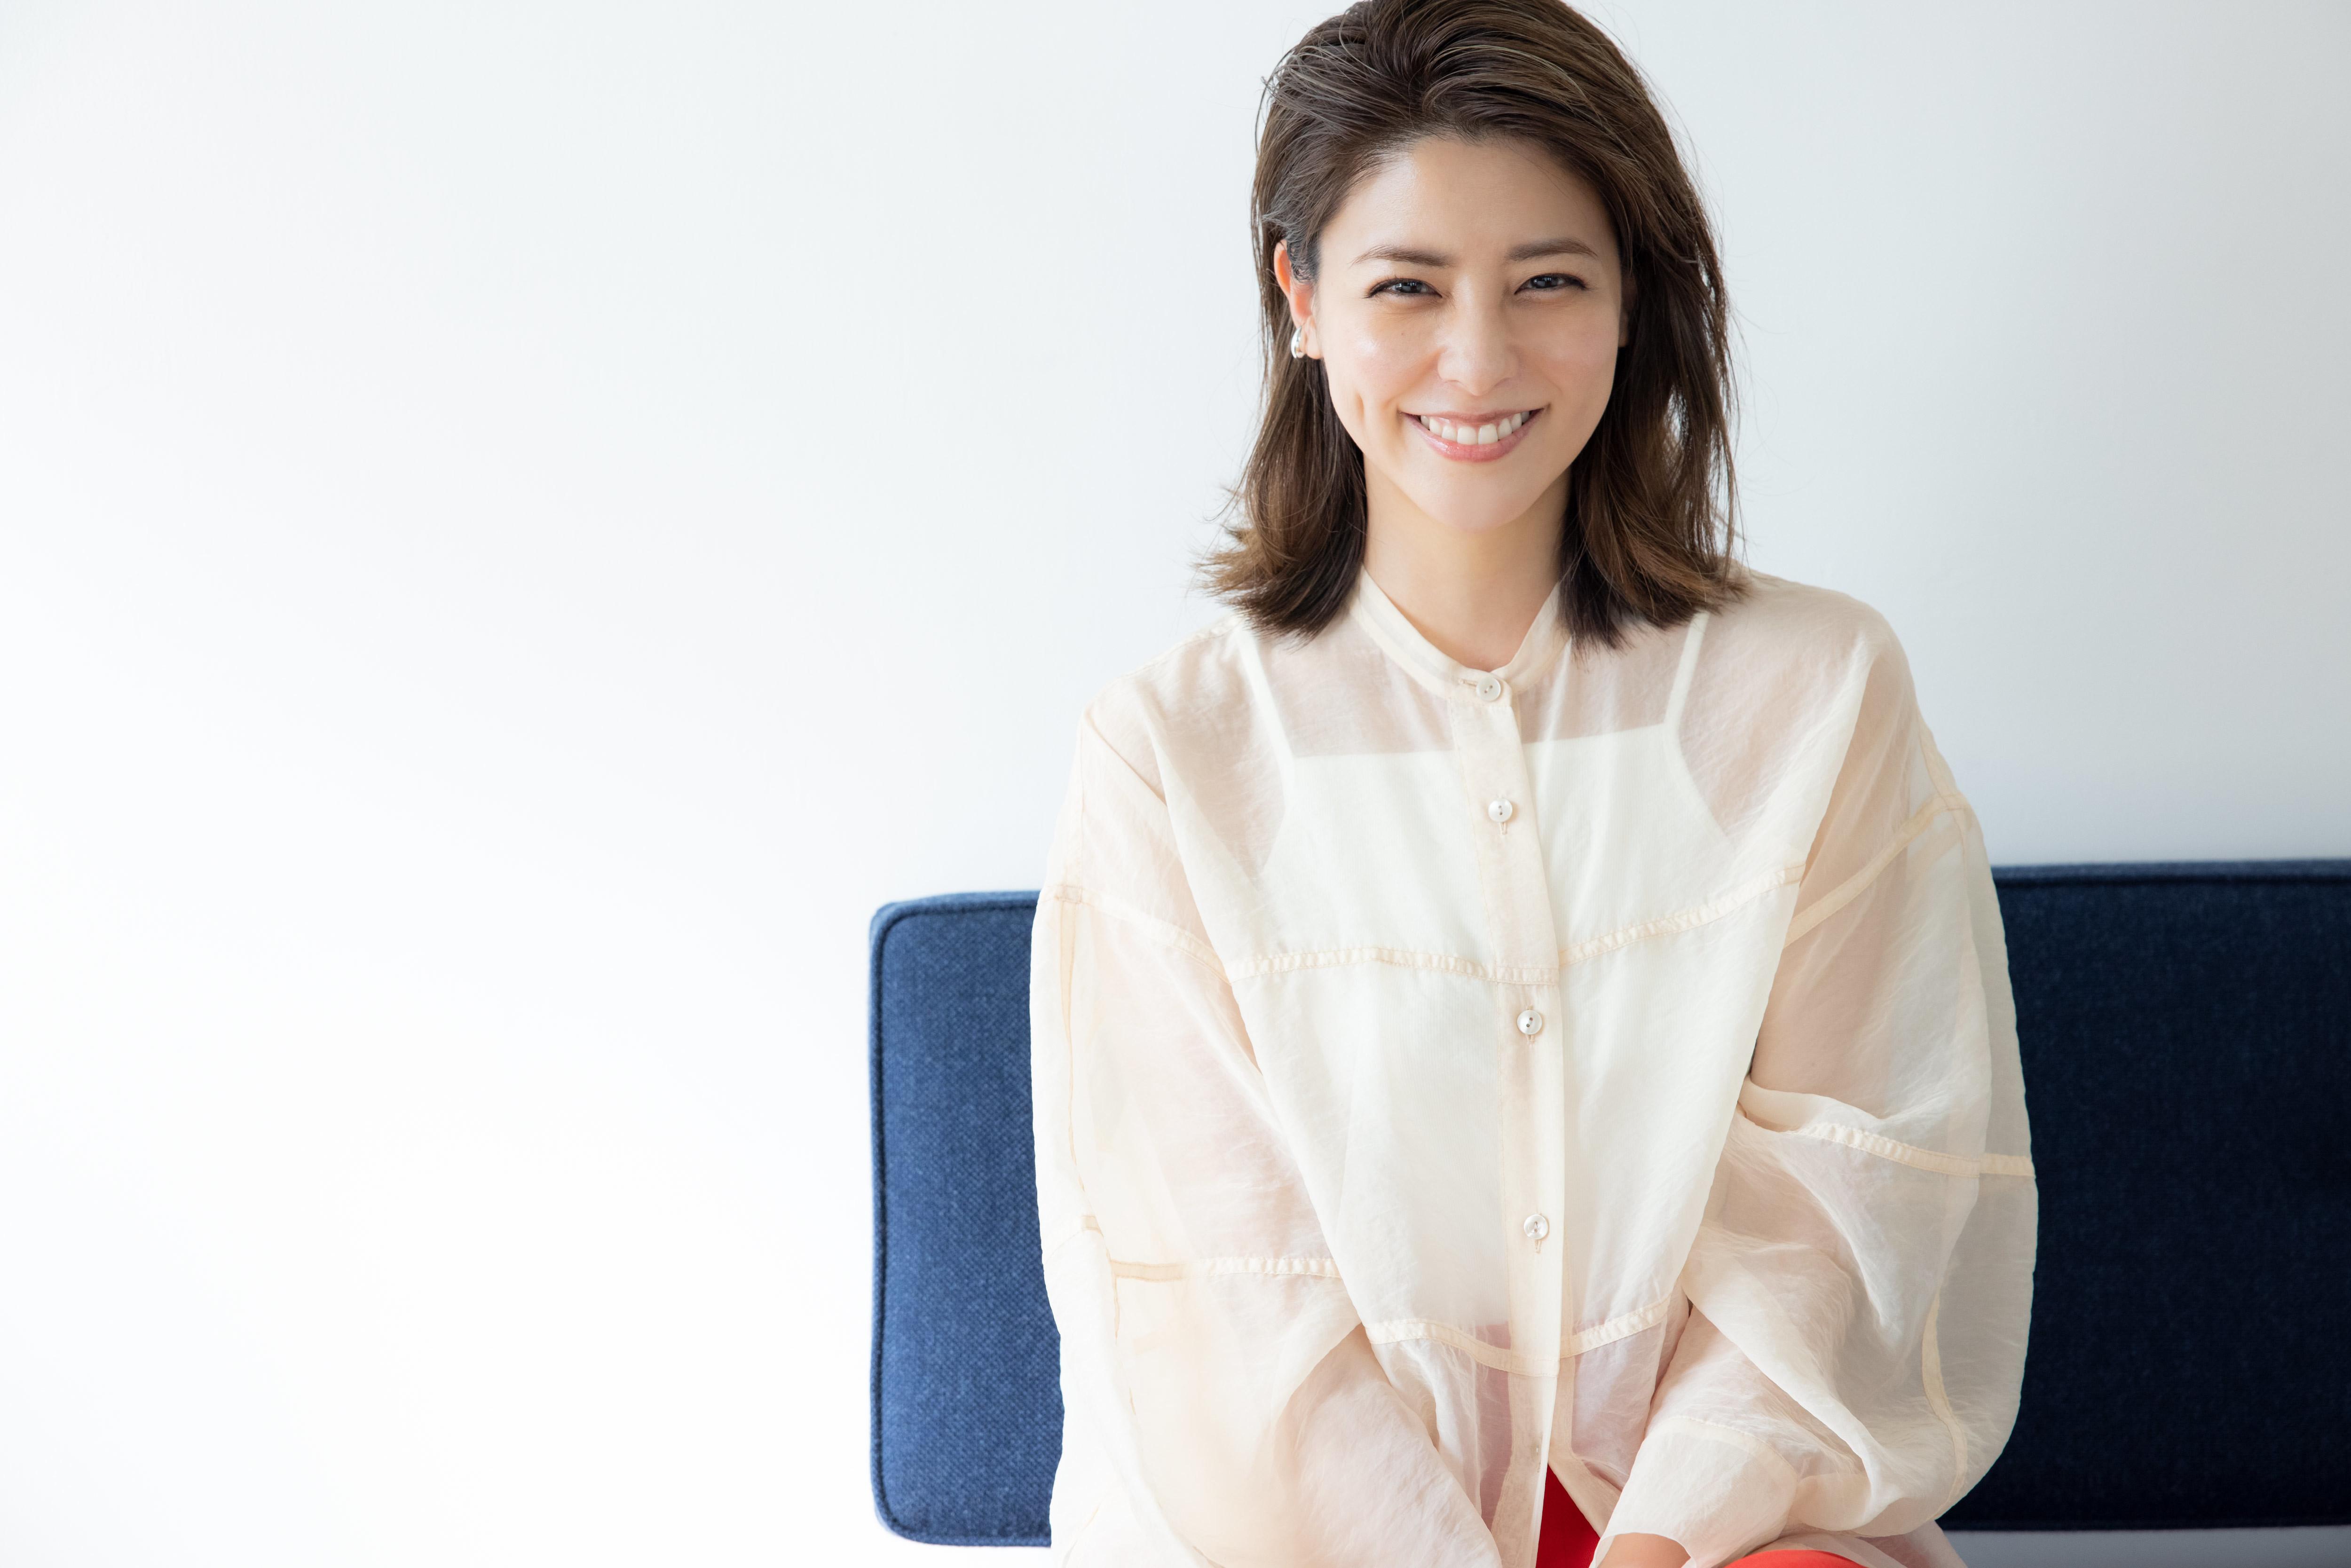 社会派医療捜査ドラマ「ドクター探偵」に抜擢、日韓で活躍する藤井美菜さんインタビュー_1_5